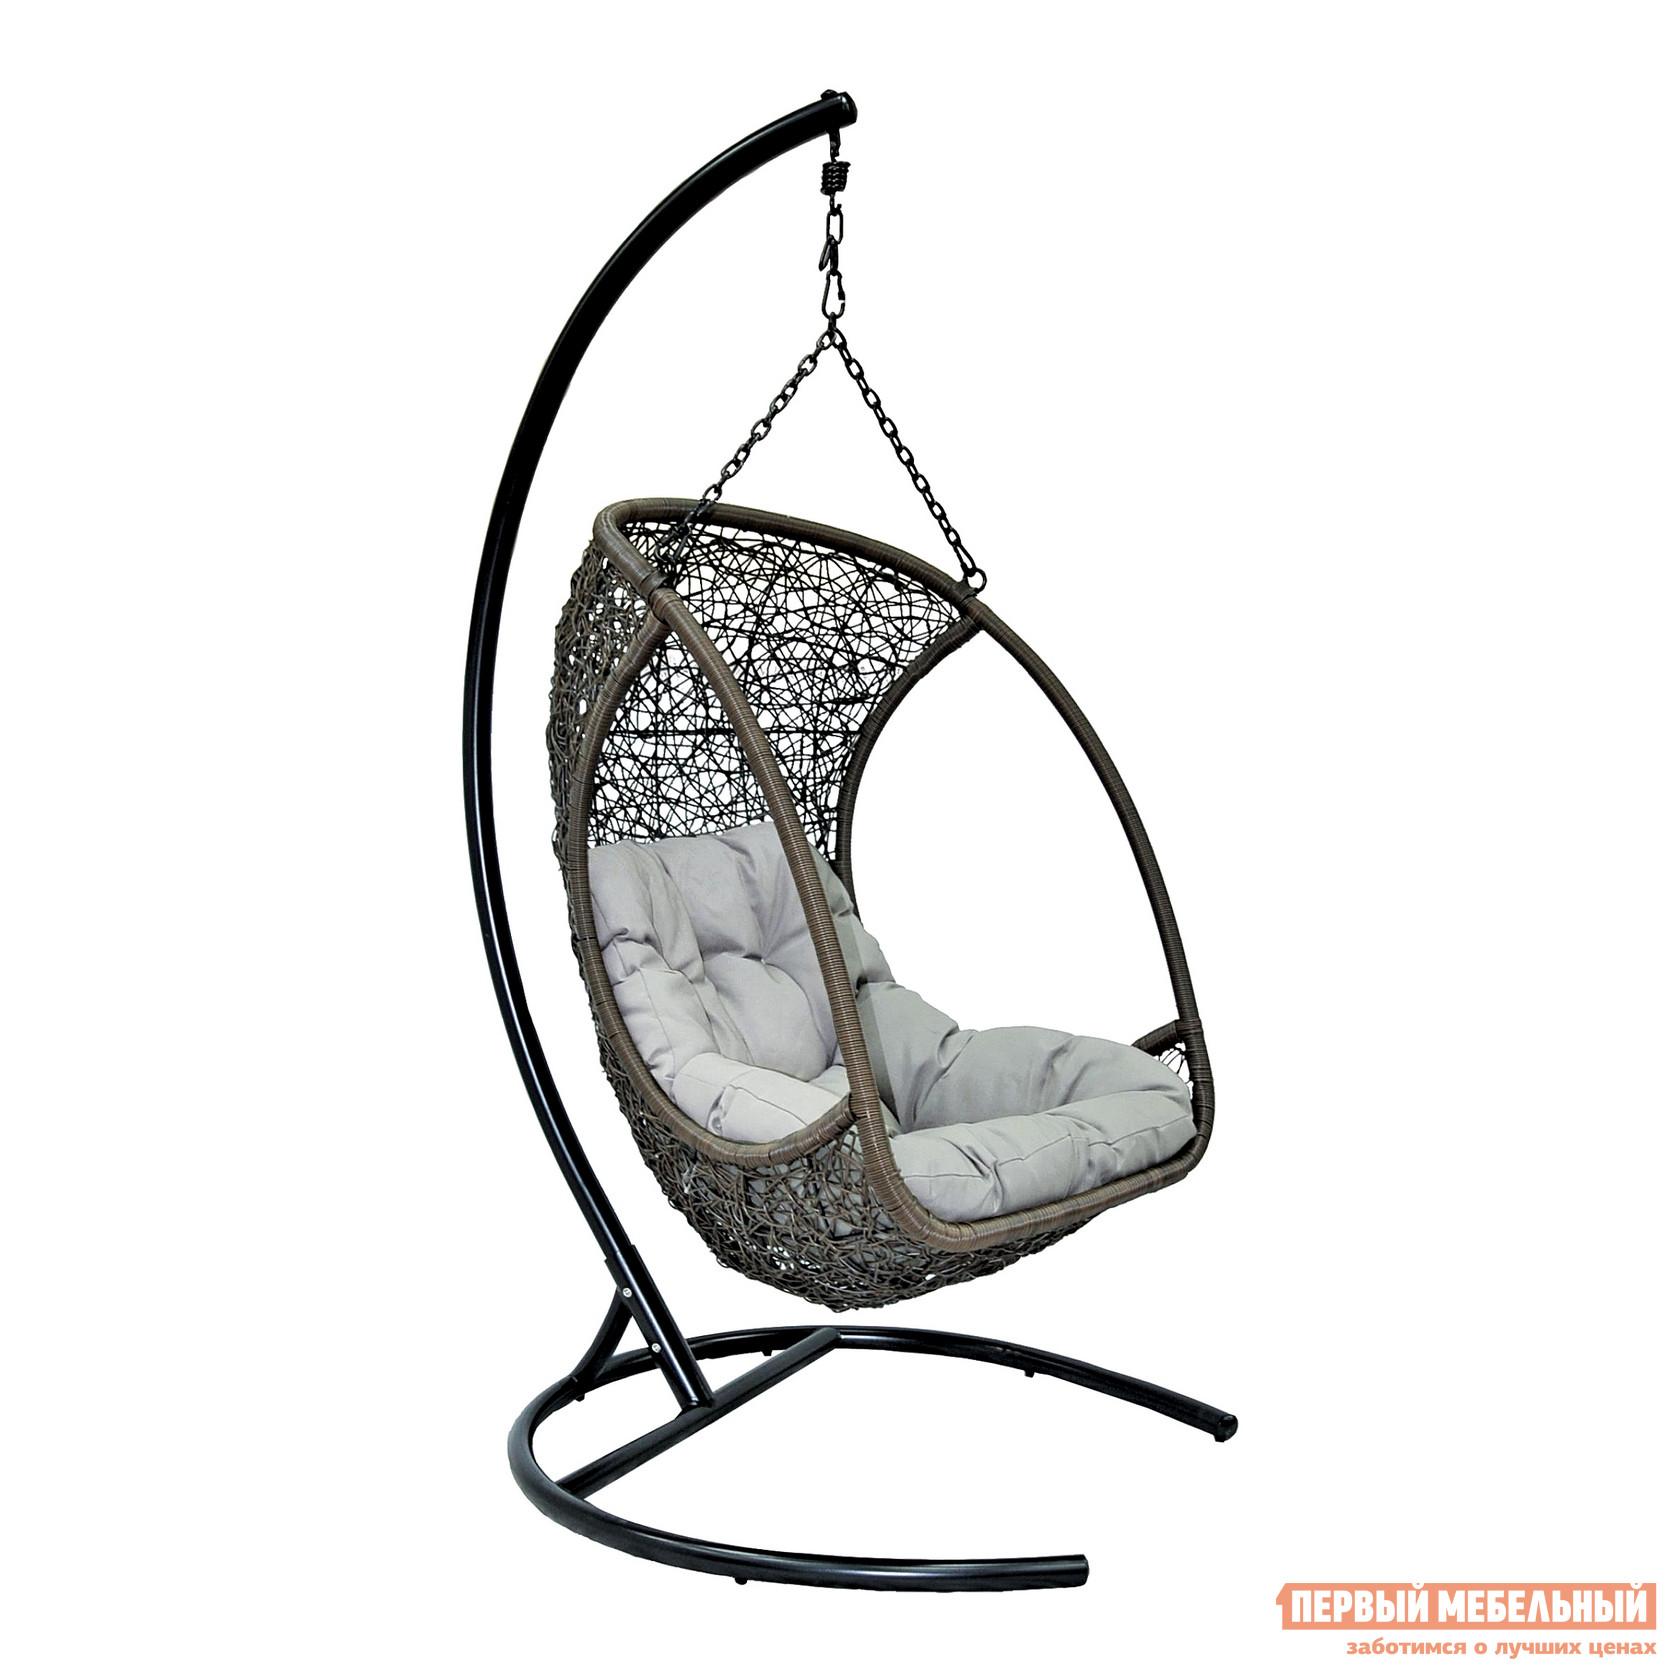 Подвесное кресло ЭкоДизайн Albatros кресло подвесное экодизайн swing